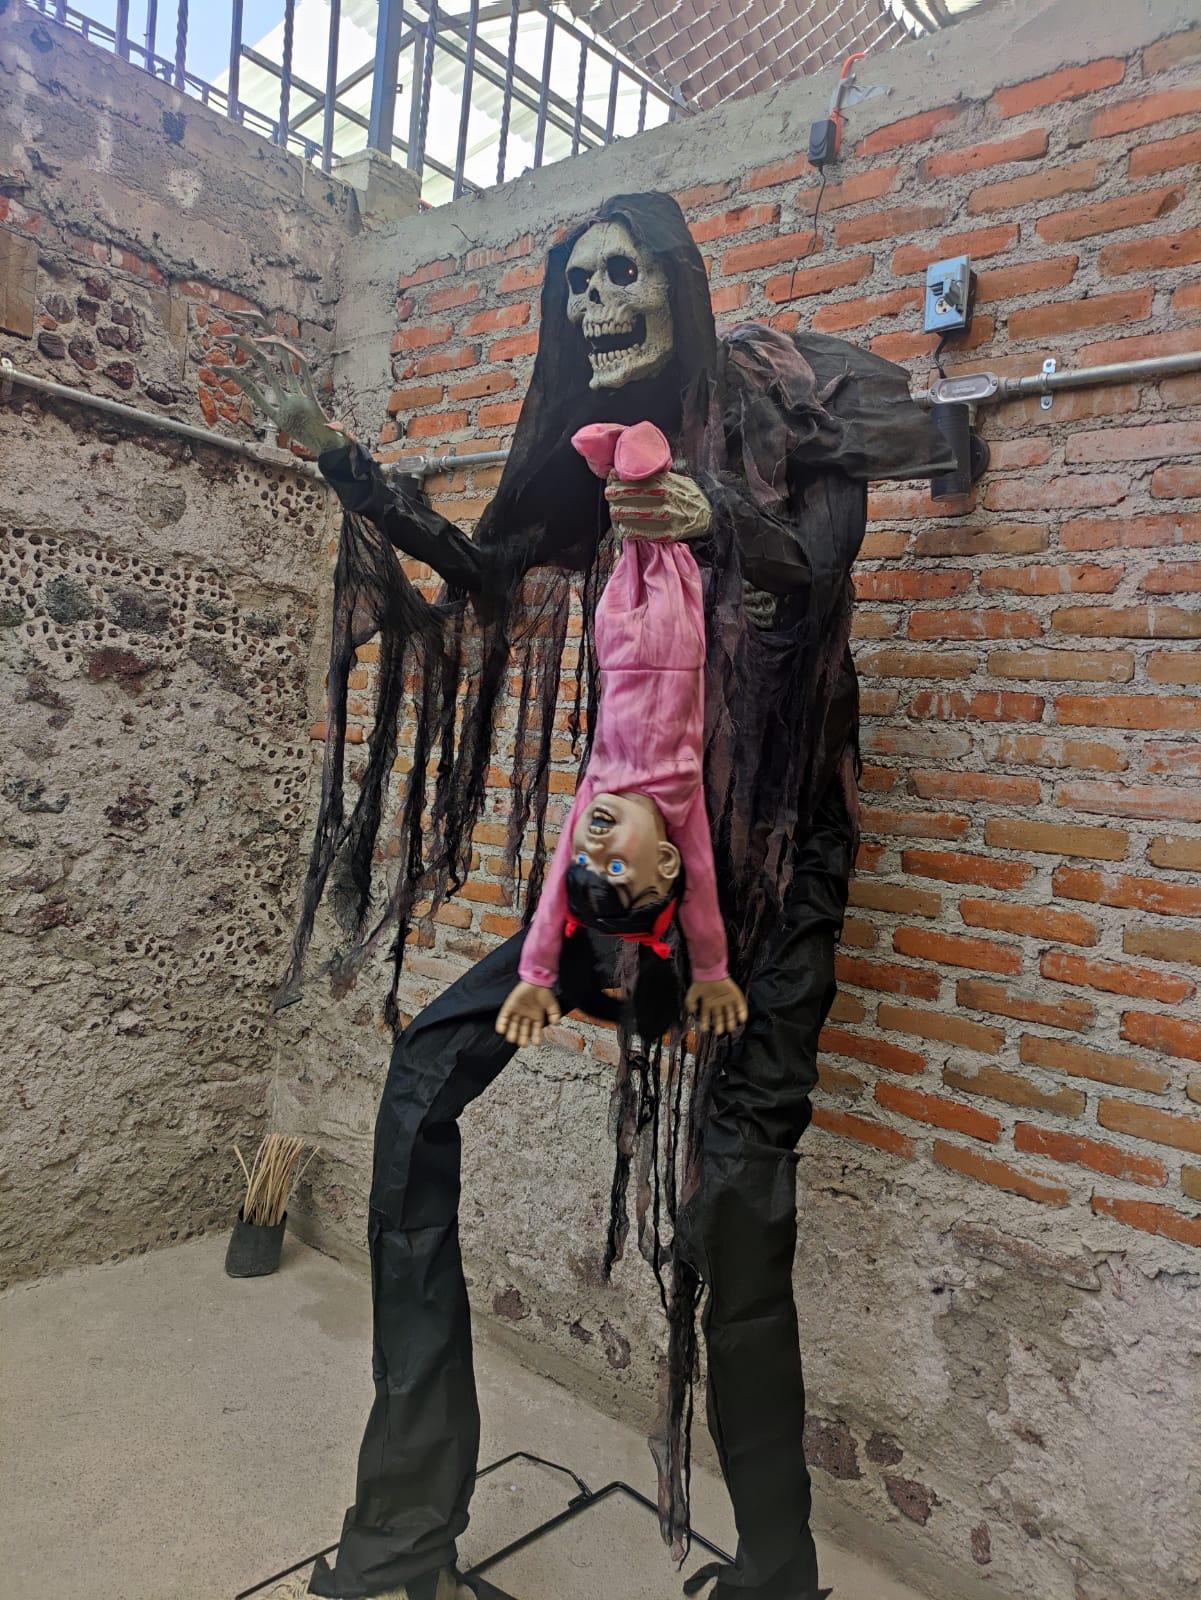 El Festival del Mal 2021 nos dejó Muertos de Miedo 👻 1